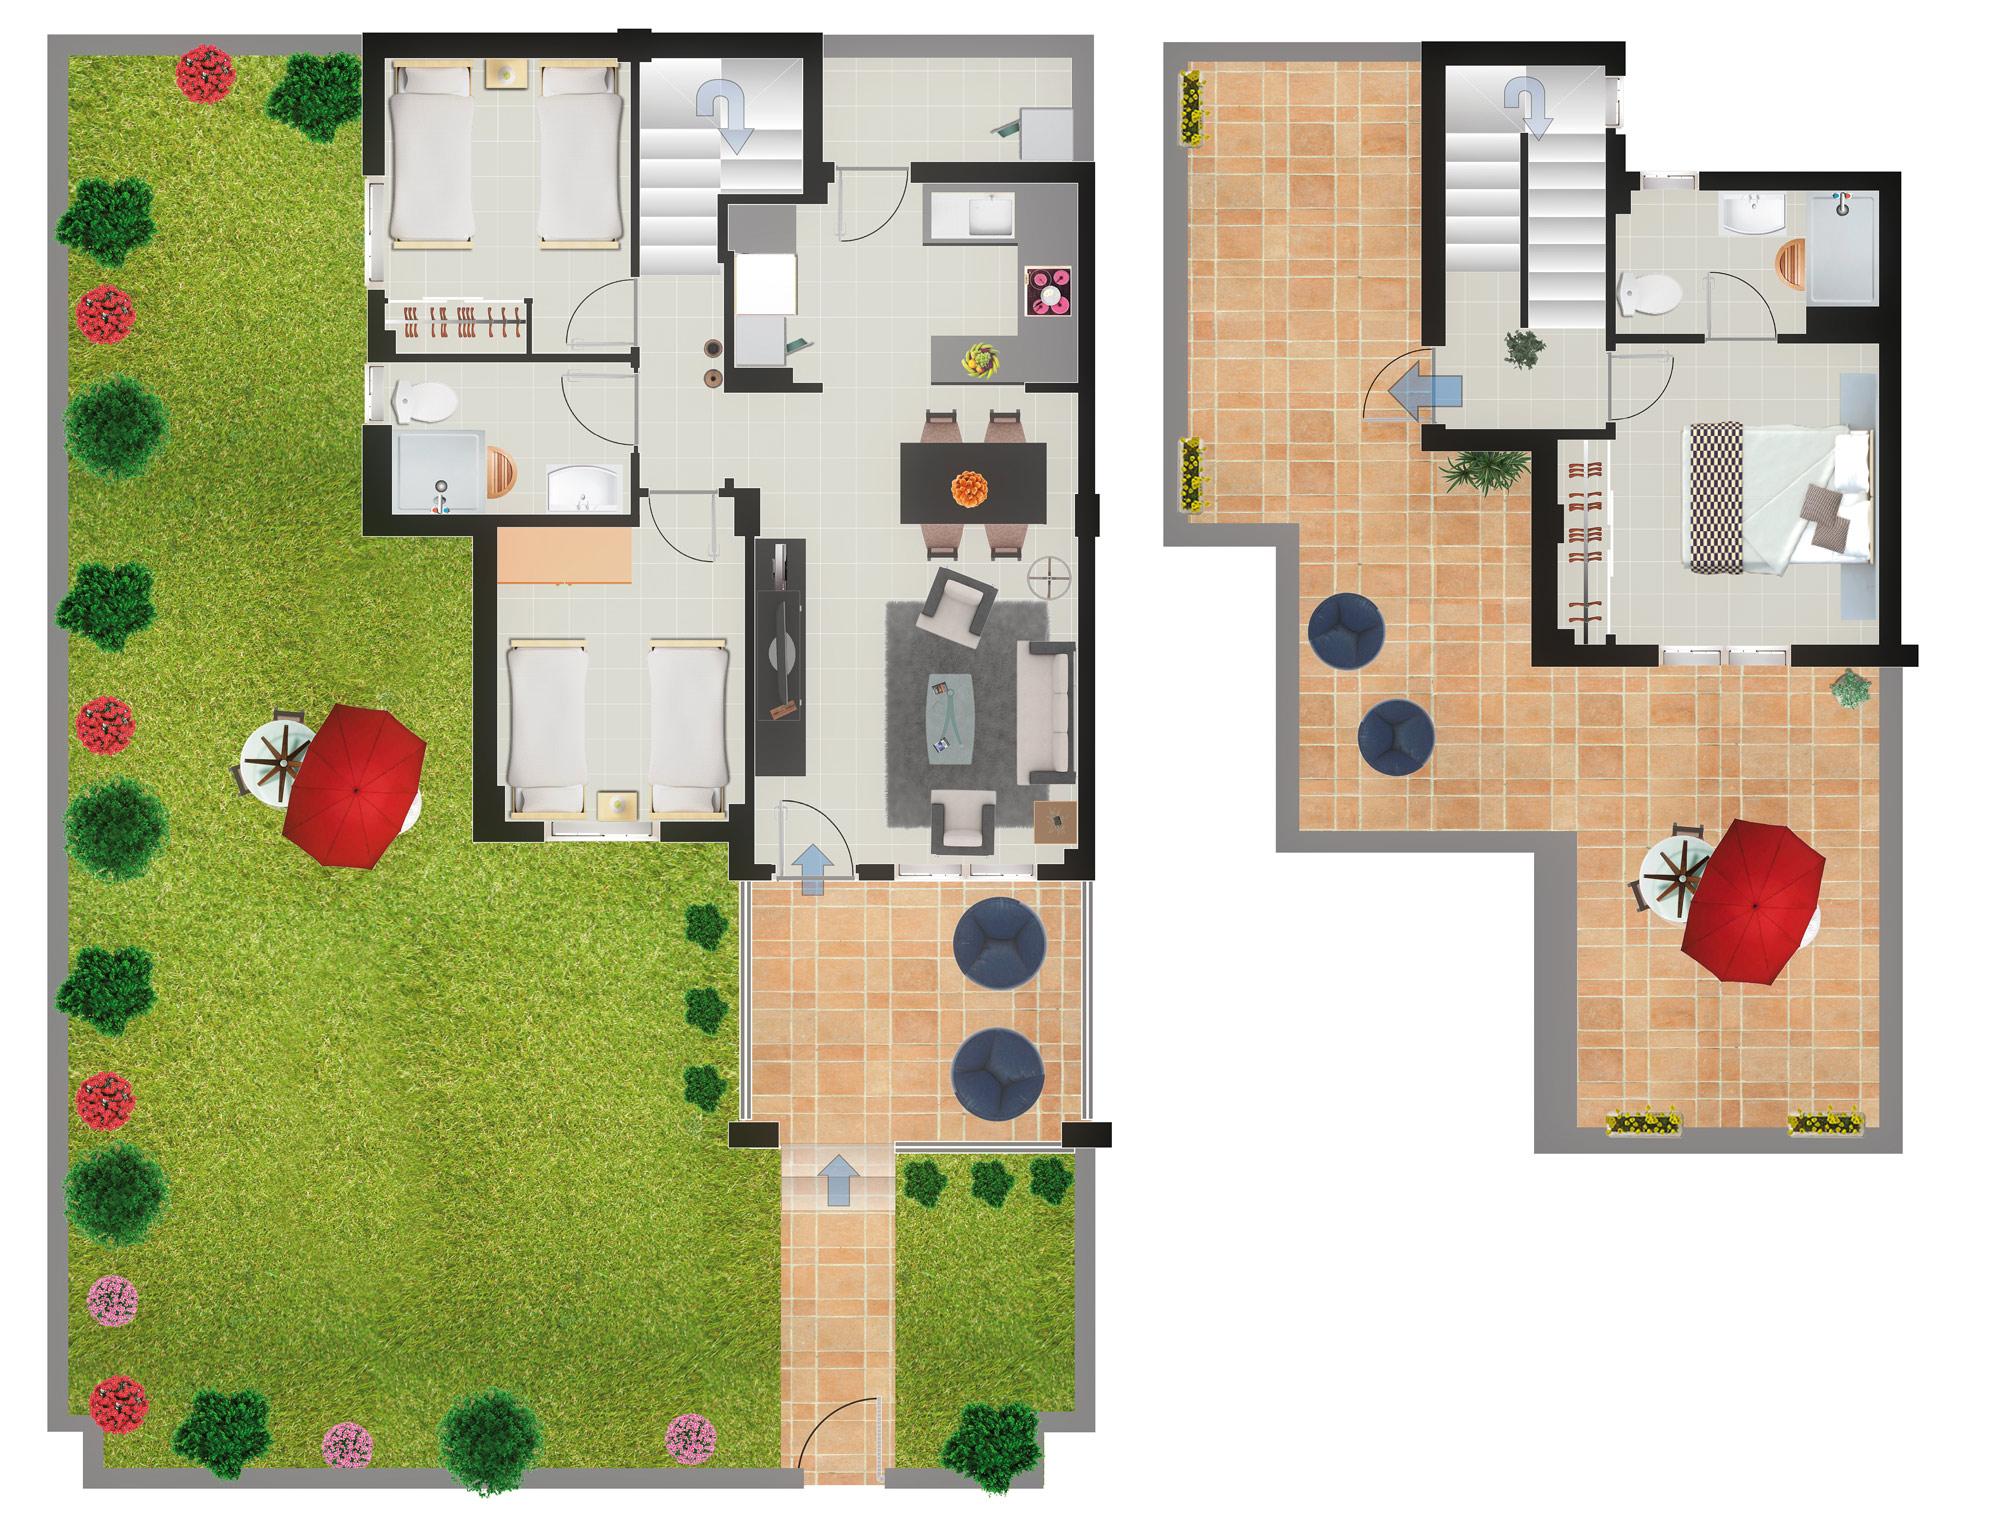 plan3_full-1.jpg